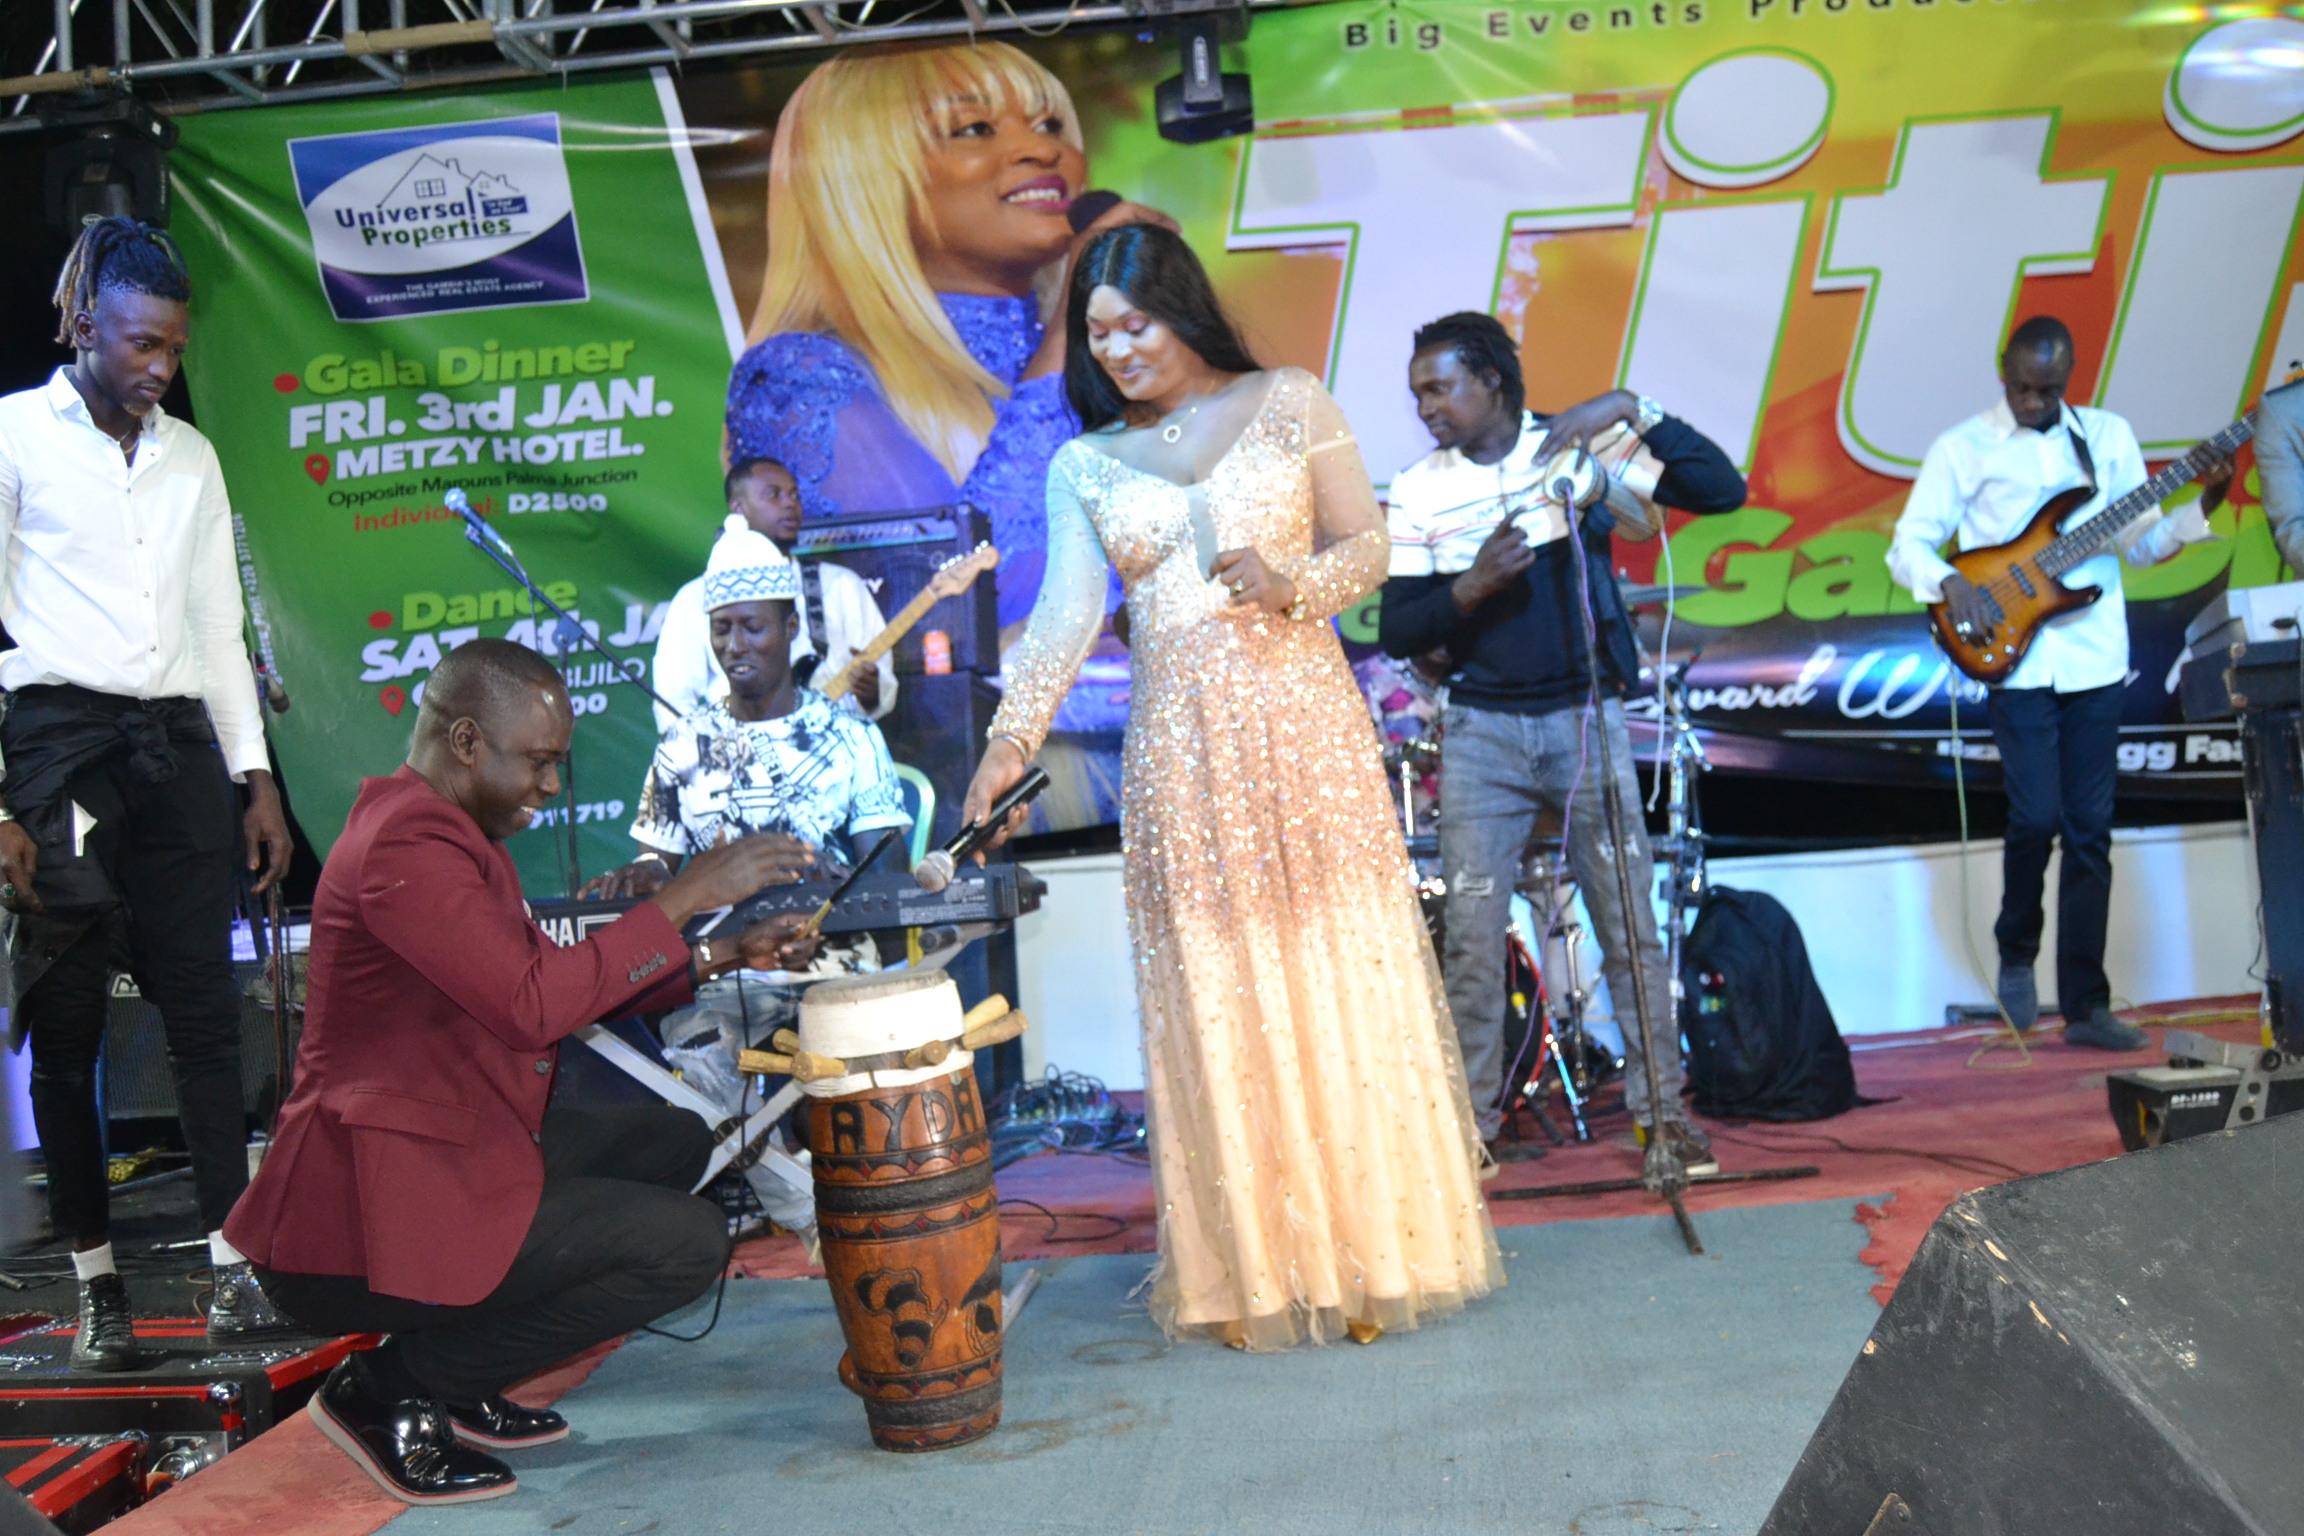 VIDÉO: Titi la lionne de la musique réussit un show magique au Metzy Hotel de la Gambie ce vendredi feat Sidy Samb. Regardez